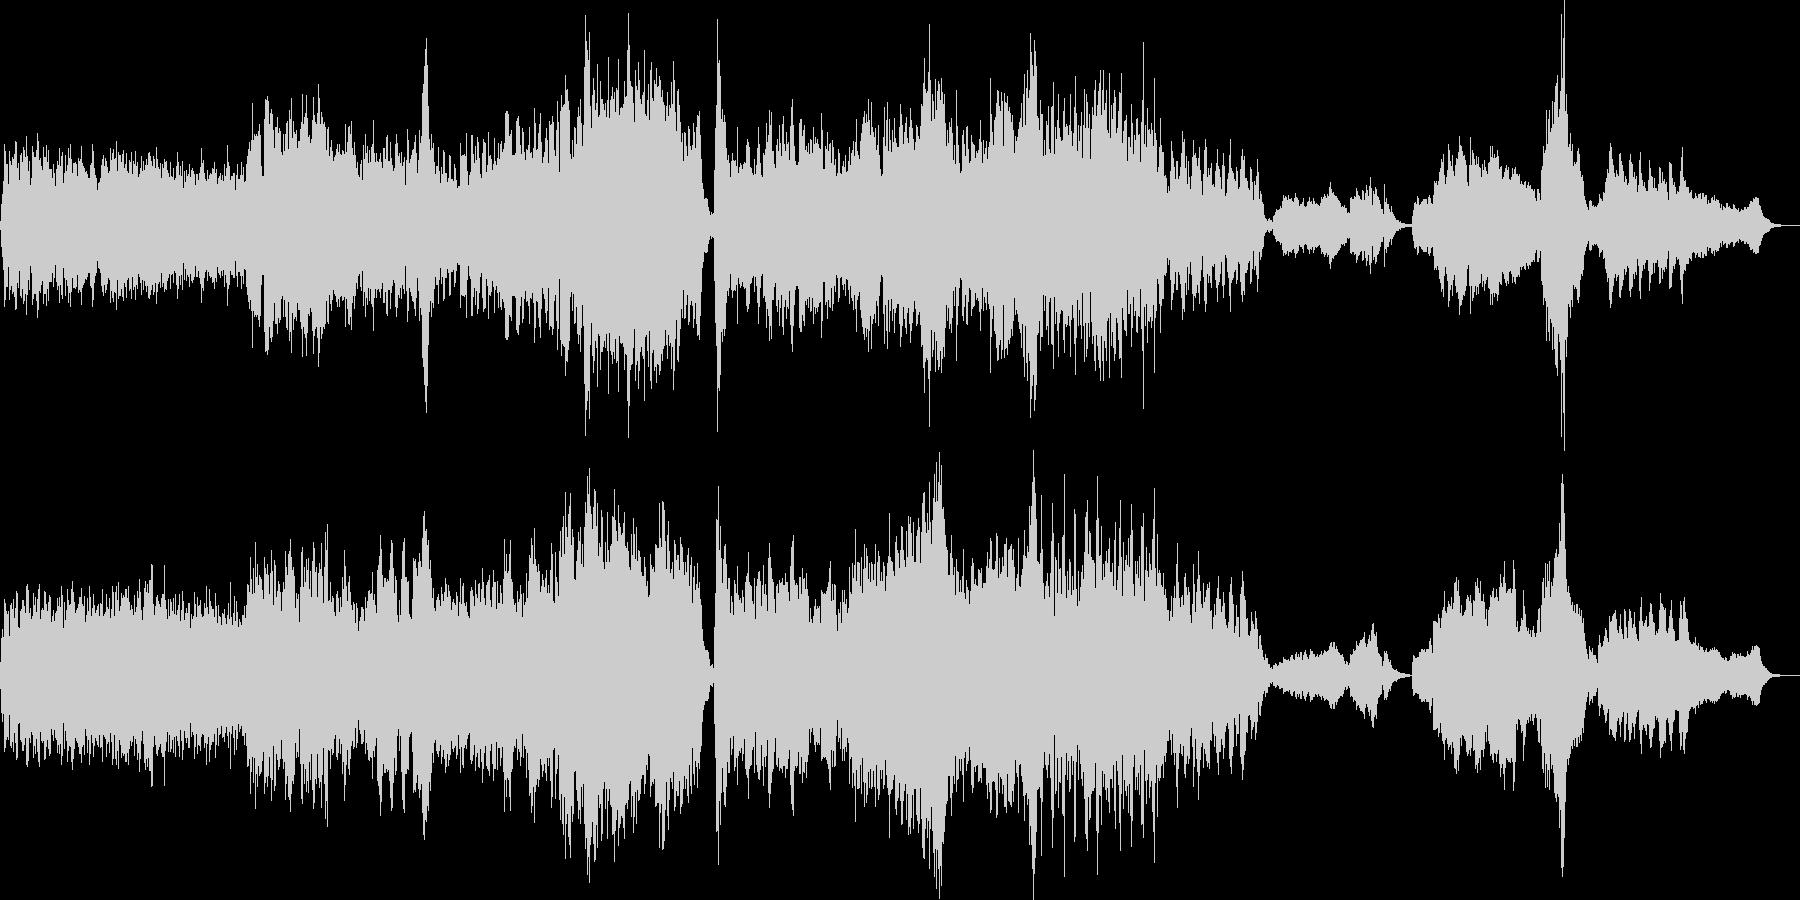 アップテンポコメディタッチオーケストラ曲の未再生の波形